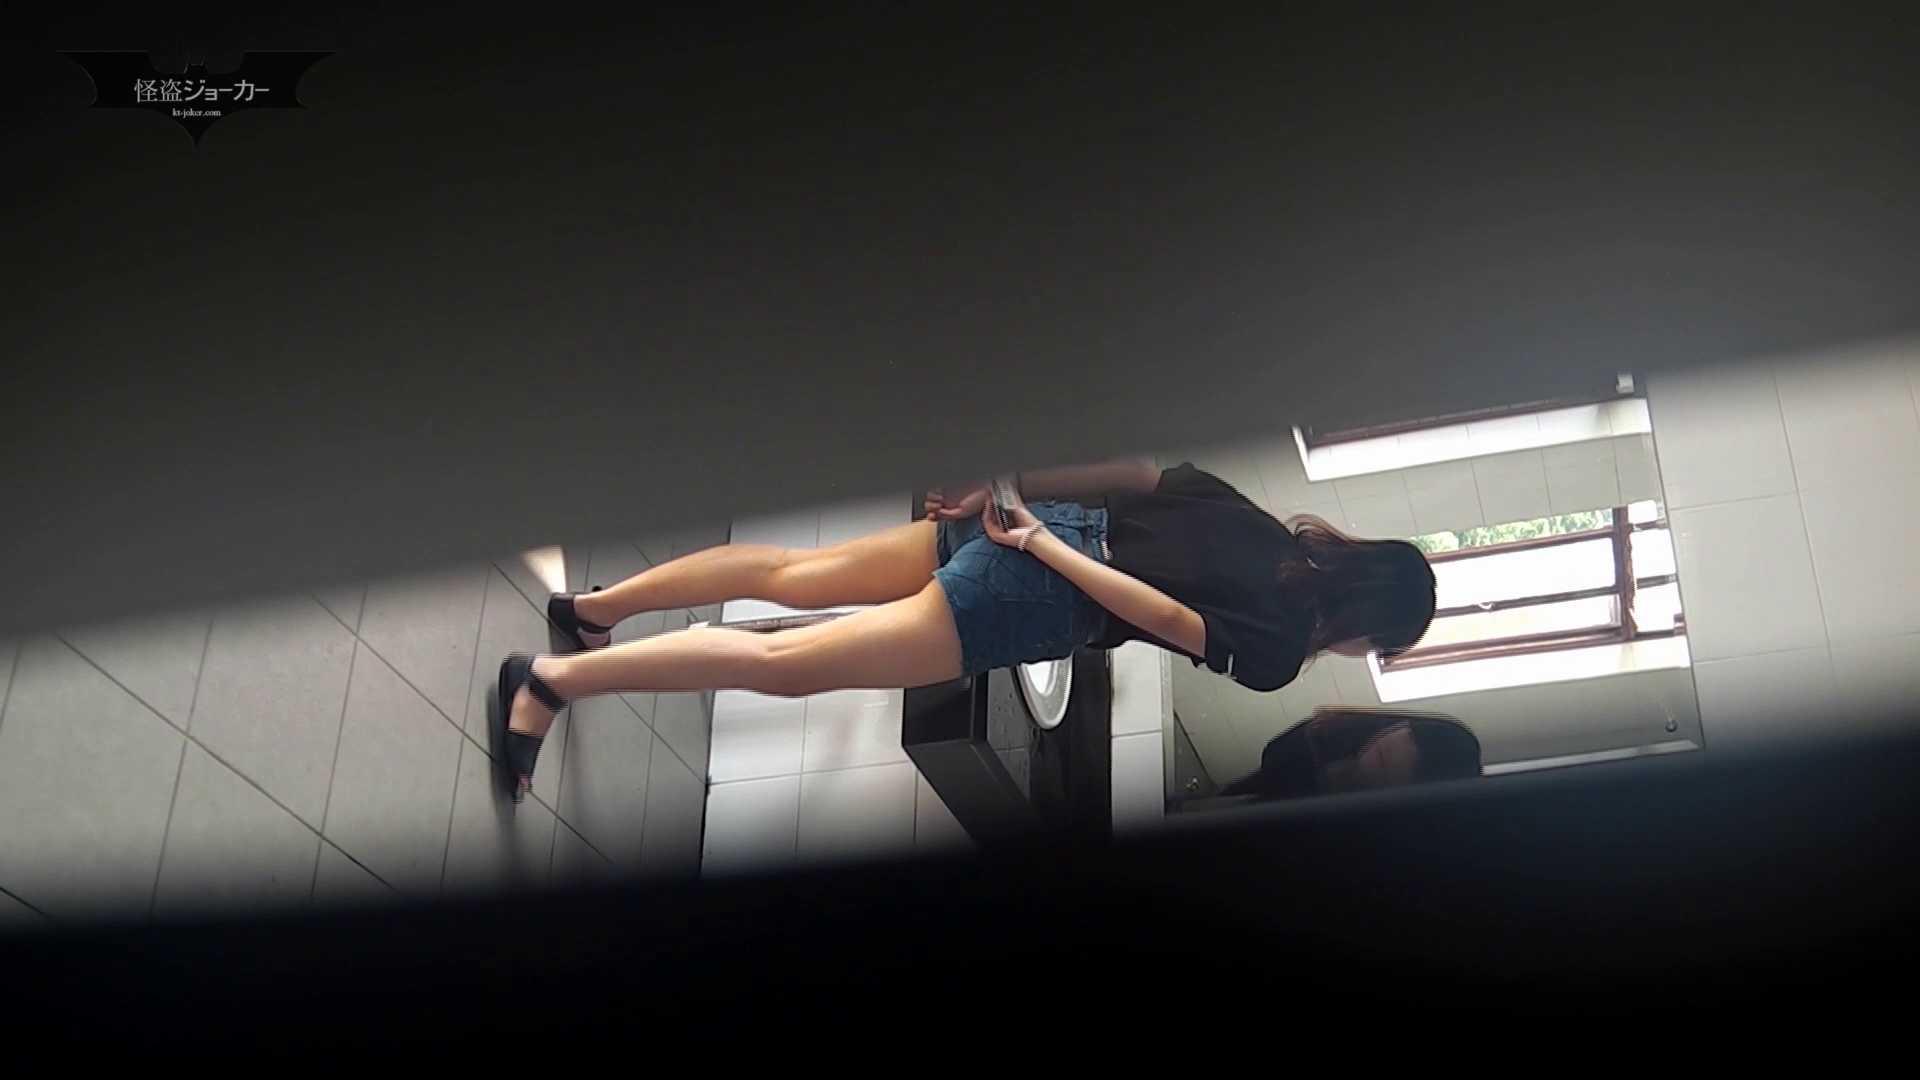 潜入!!台湾名門女学院 Vol.11 三尻同時狩り 美女達のヌード | 盗撮エロすぎ  65連発 15